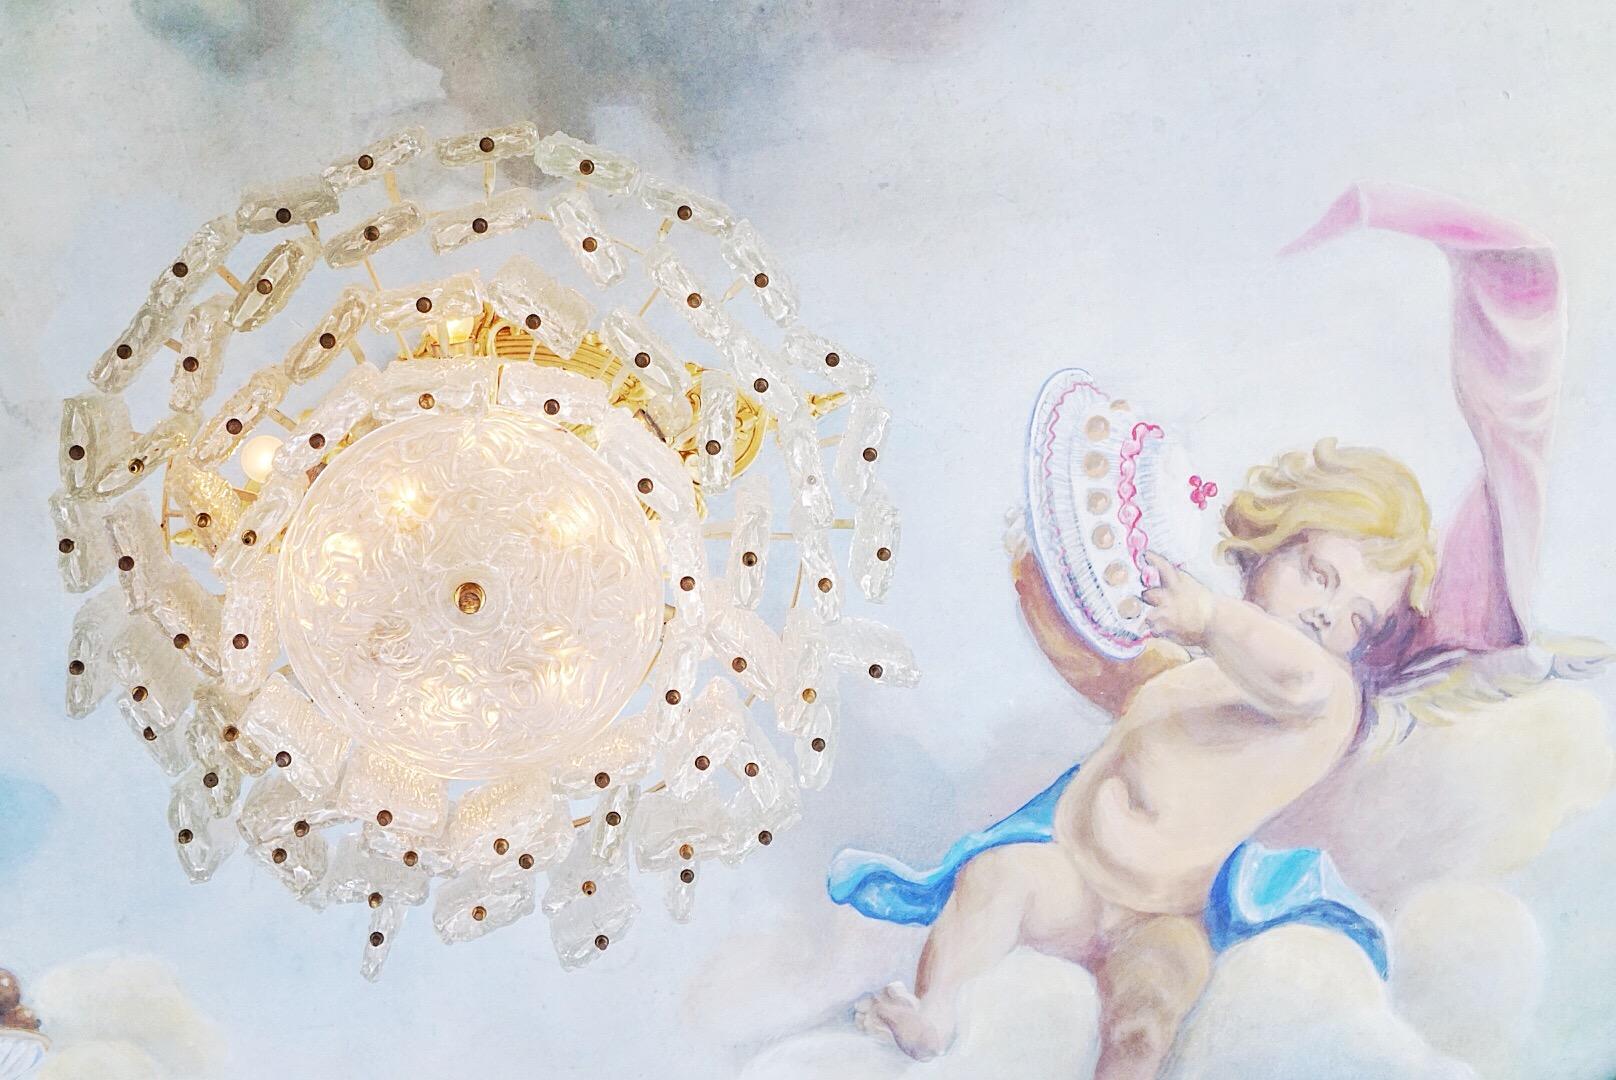 Anioł, pełen cukru demon i kryształy, czyli La Mecerie